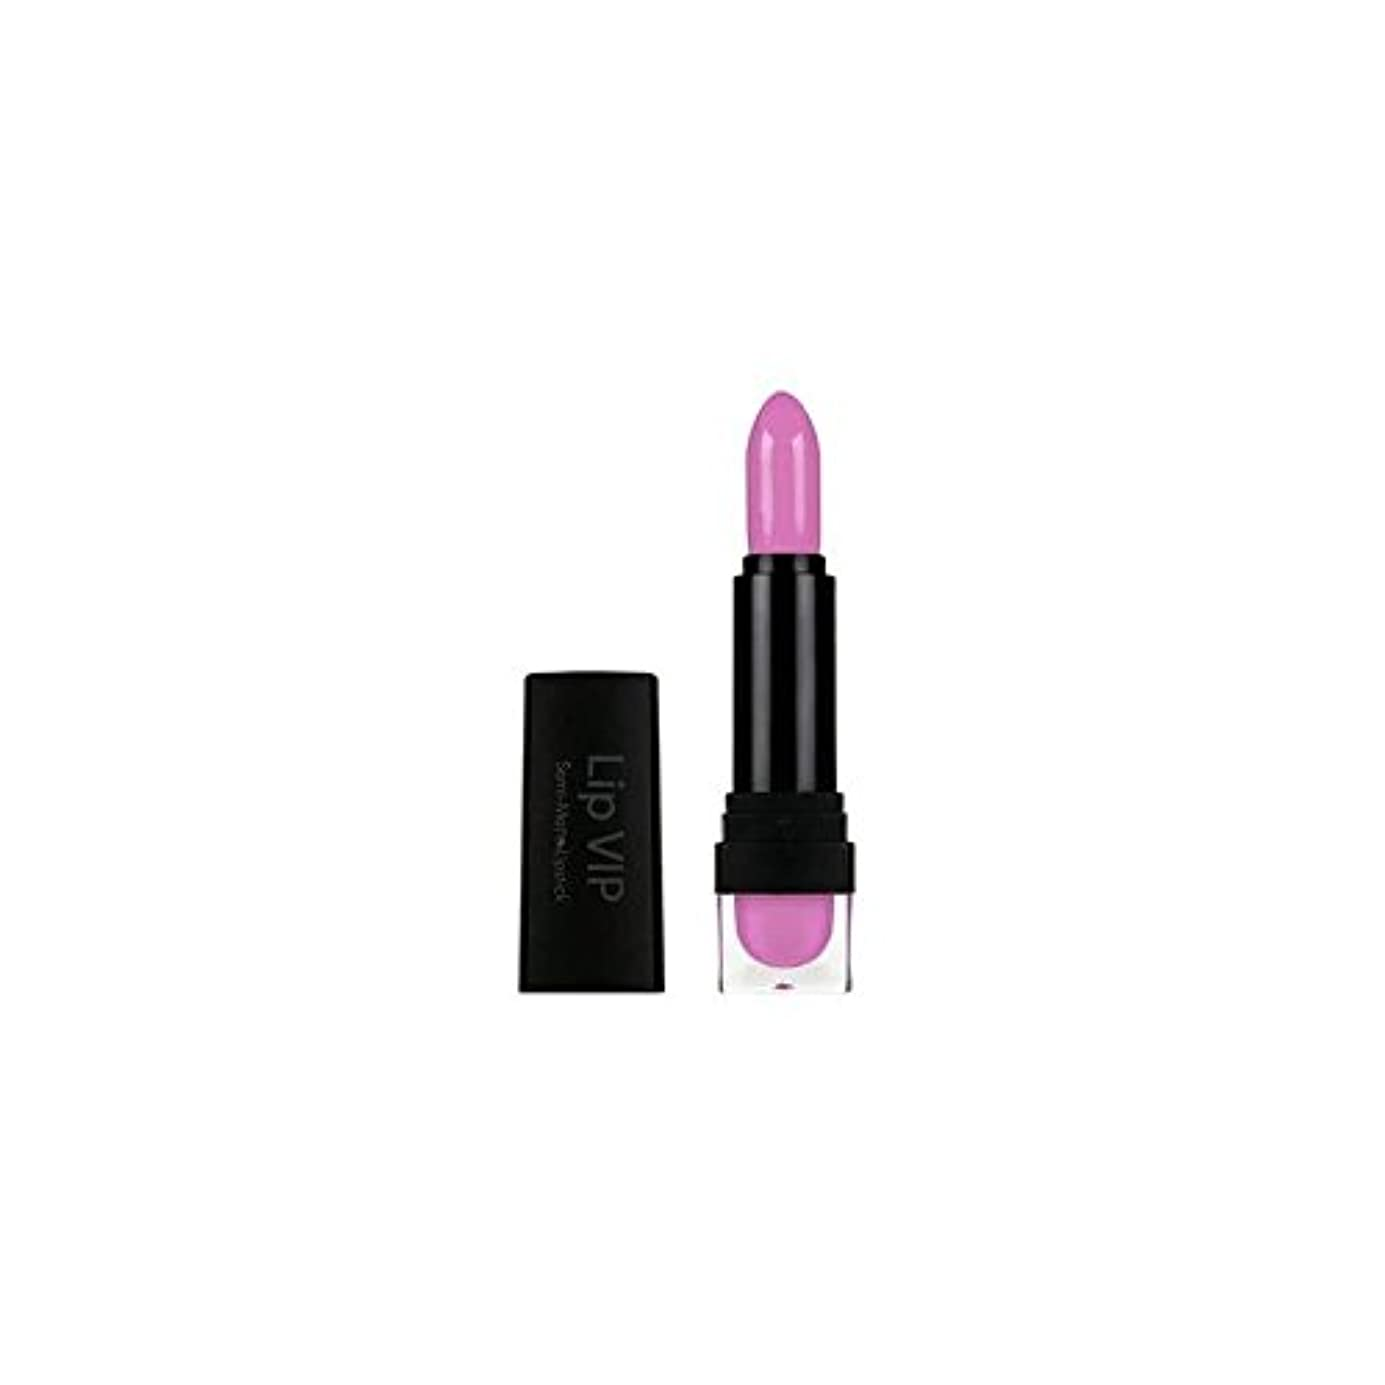 裏切り者見る処理なめらかな気まぐれなコレクションリップ..大物 x2 - Sleek Whimsical Collection Lip V.I.P Big Shot (Pack of 2) [並行輸入品]